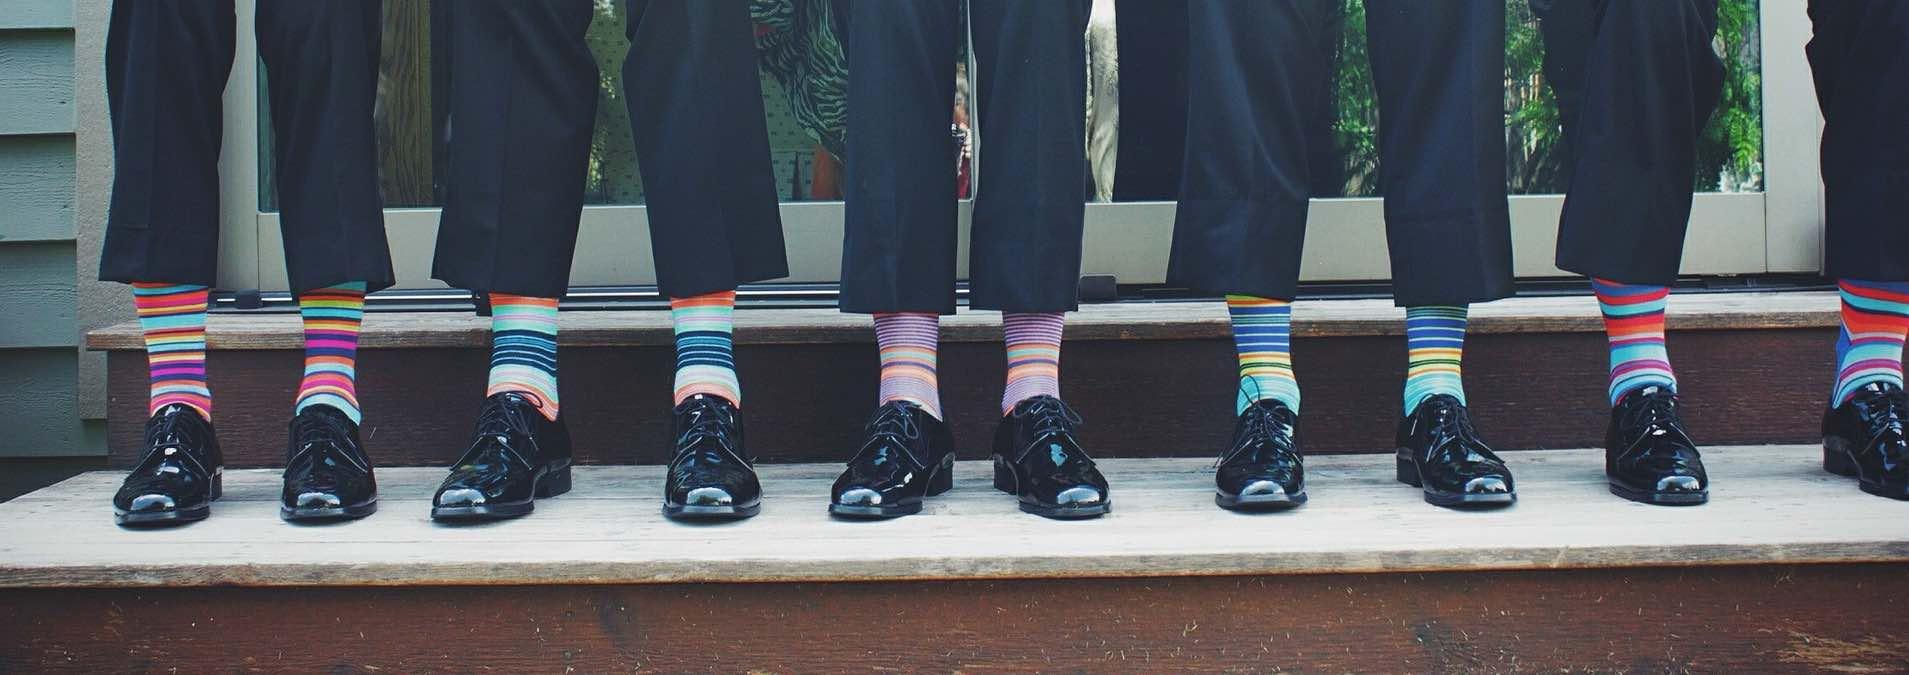 Auch bunte Socken können entzücken